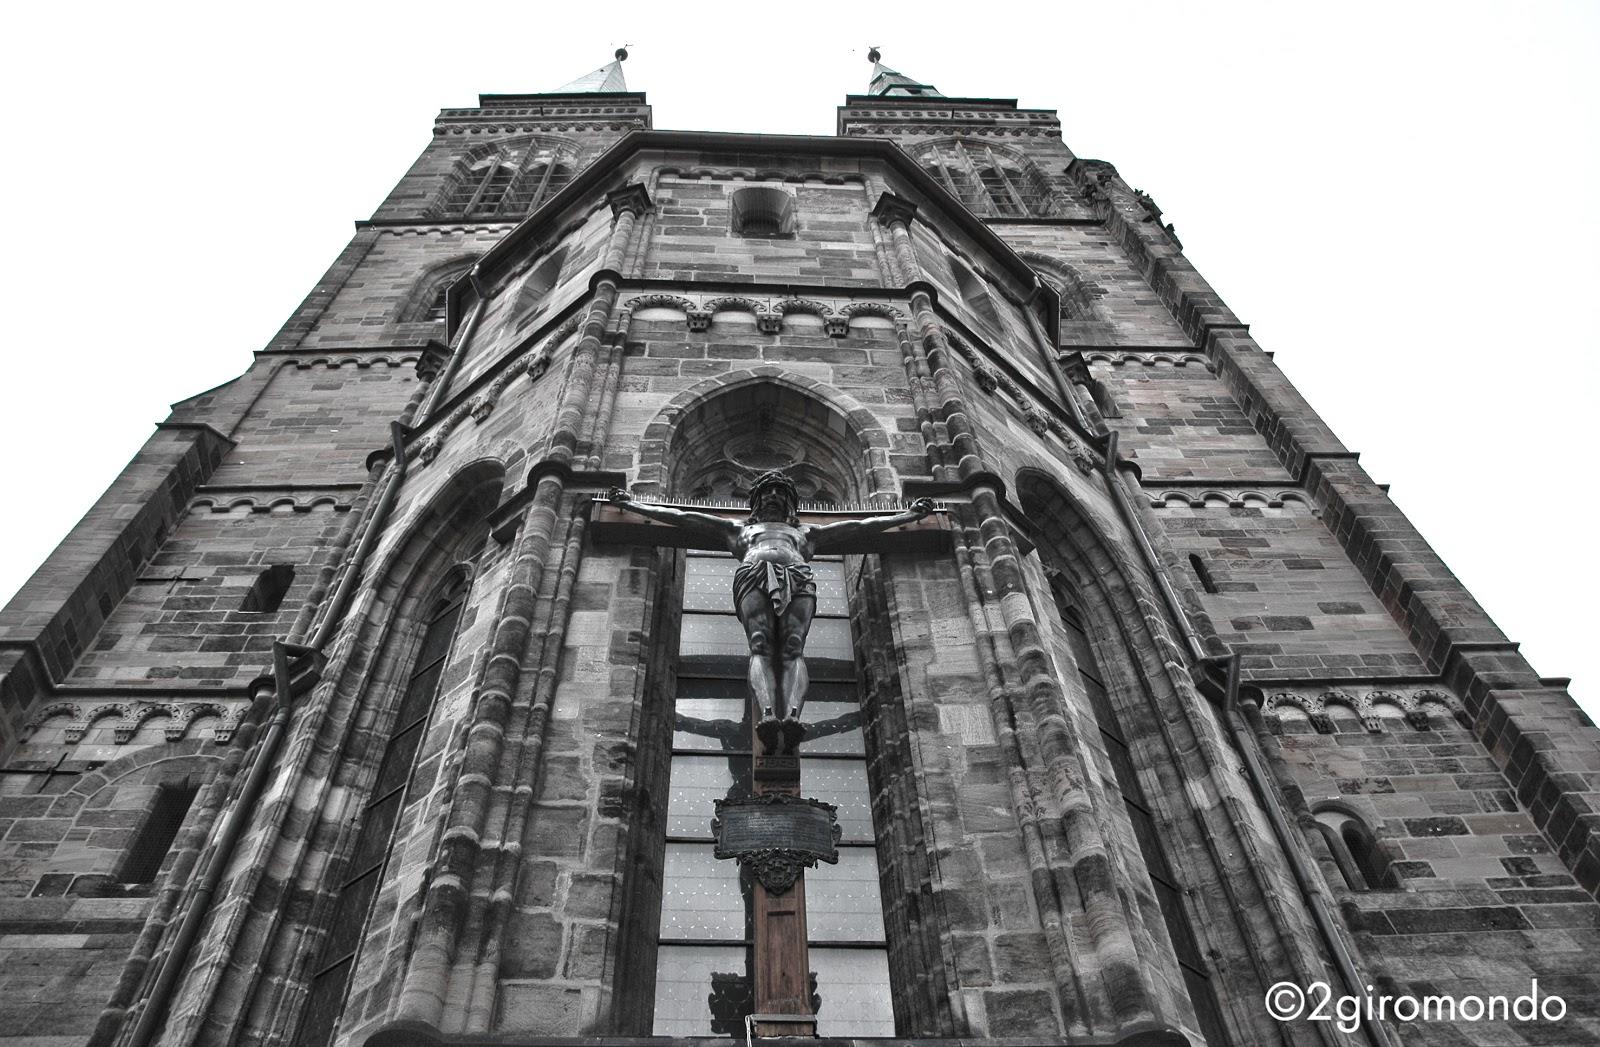 Sebaldskirche, Norimberga